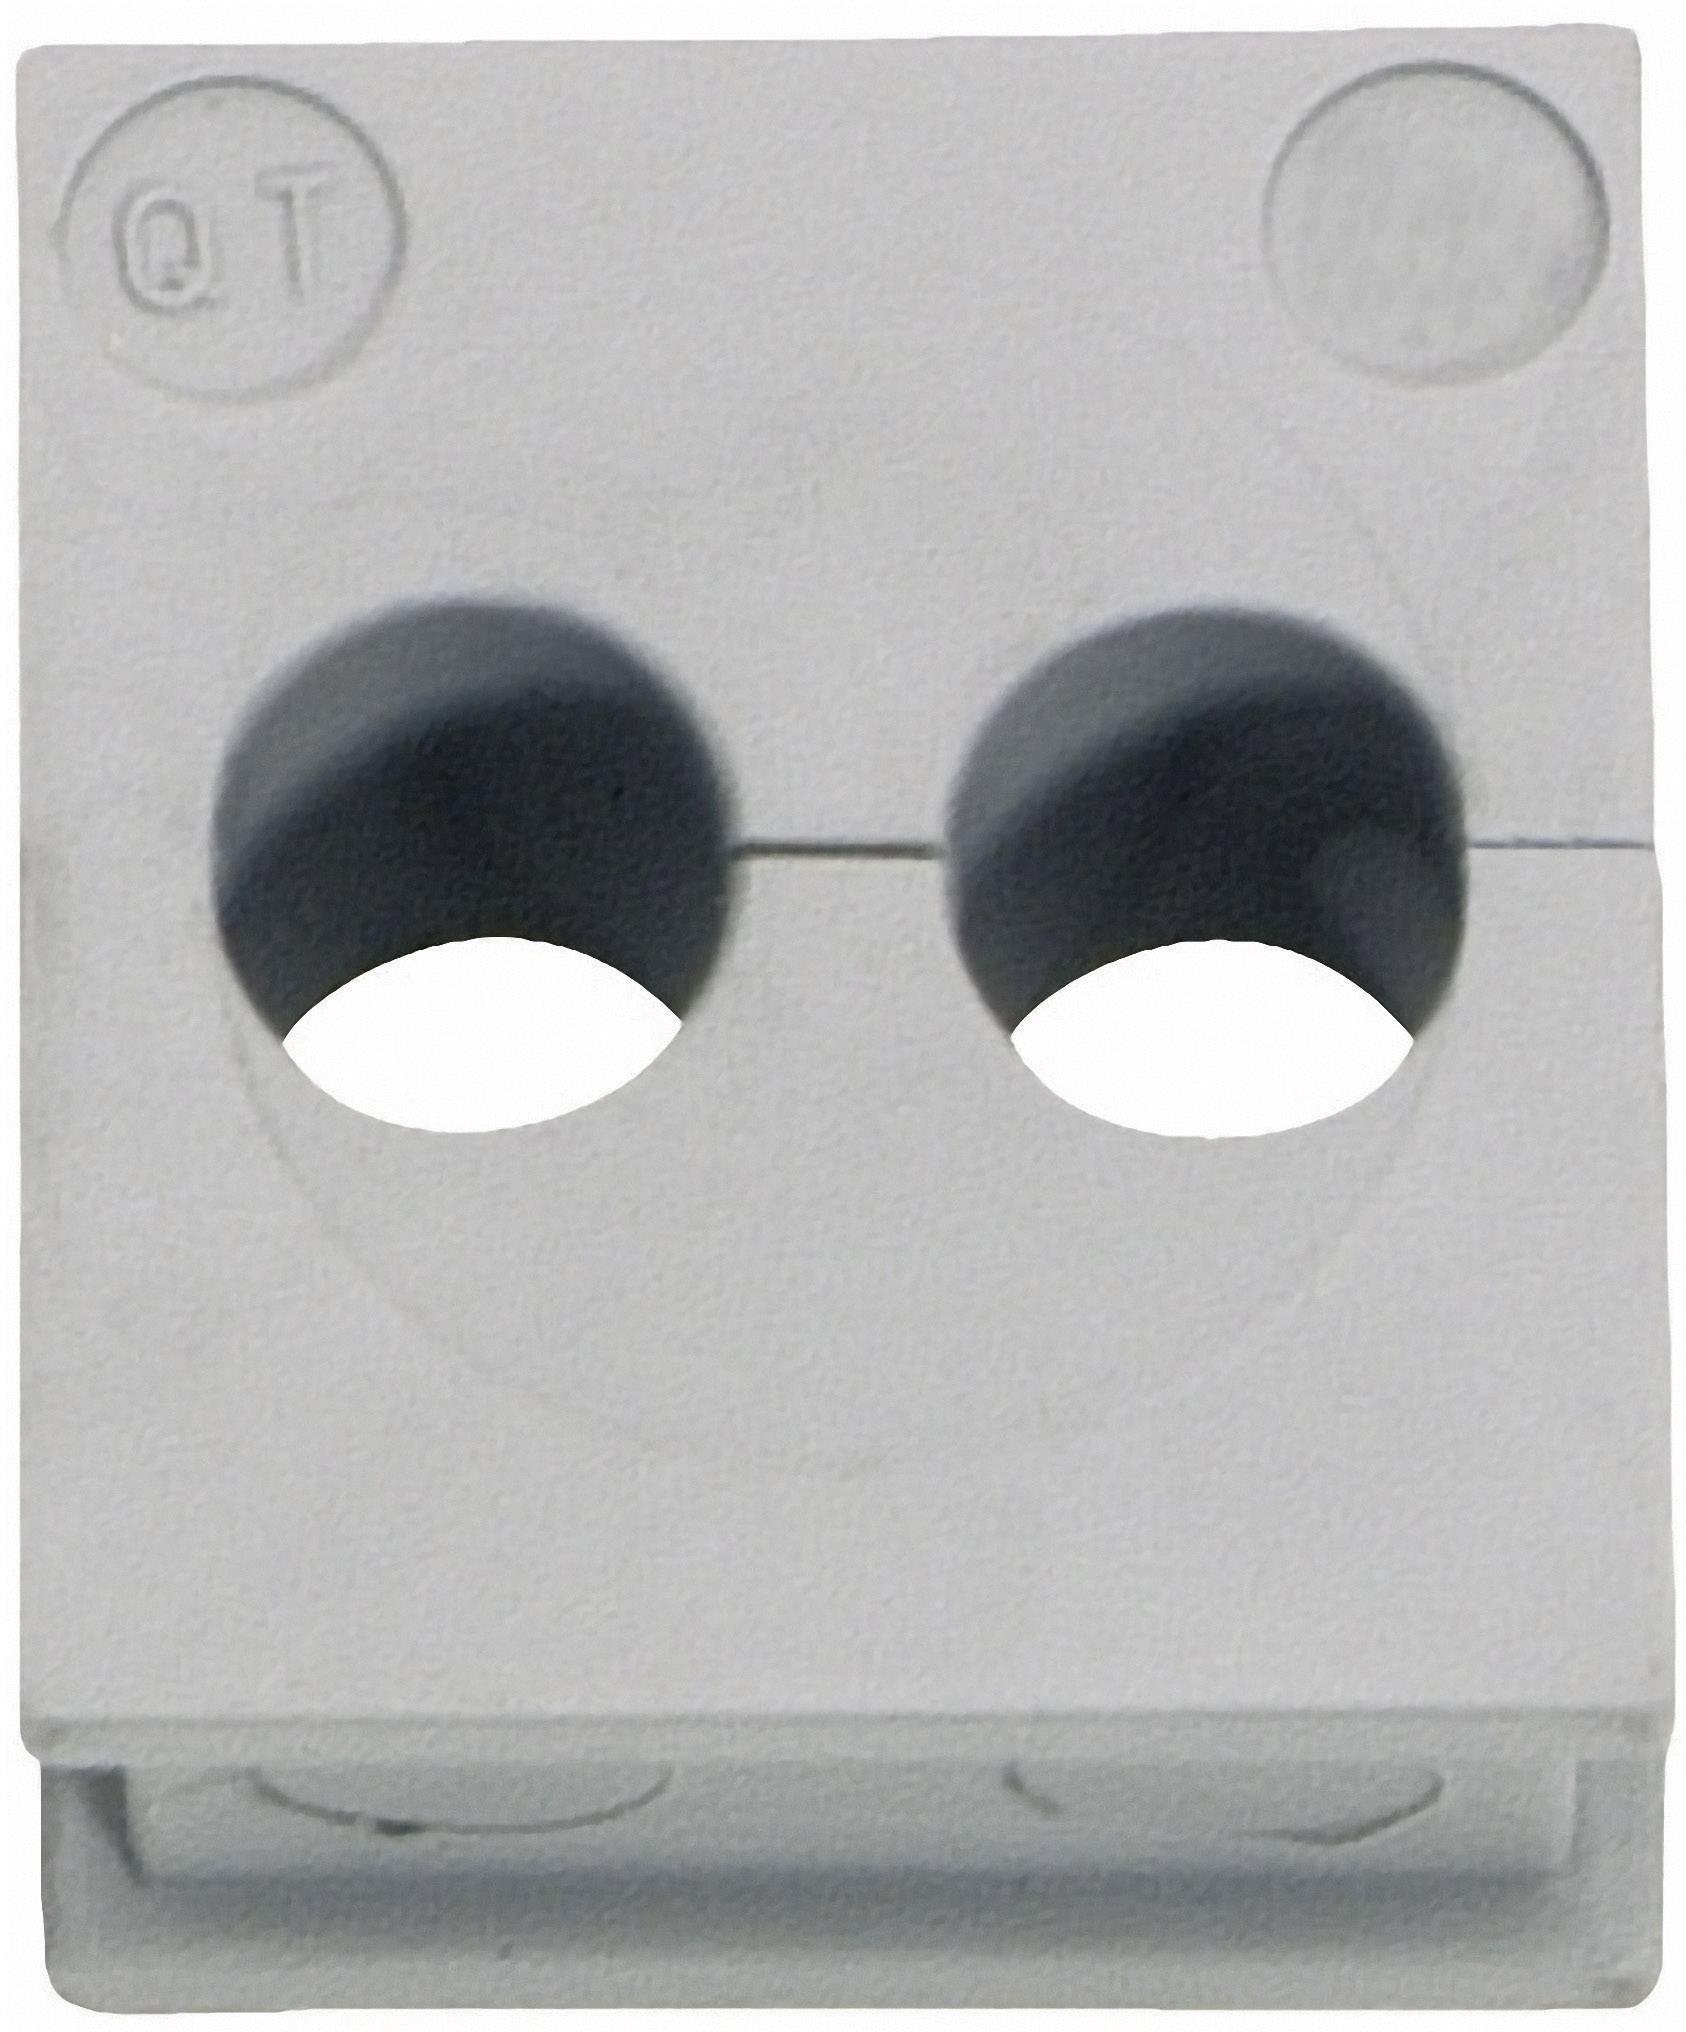 Icotek Kabelska kapa QT QT 2/7 za kabel- 2 x 7 mm, elastomer, siva